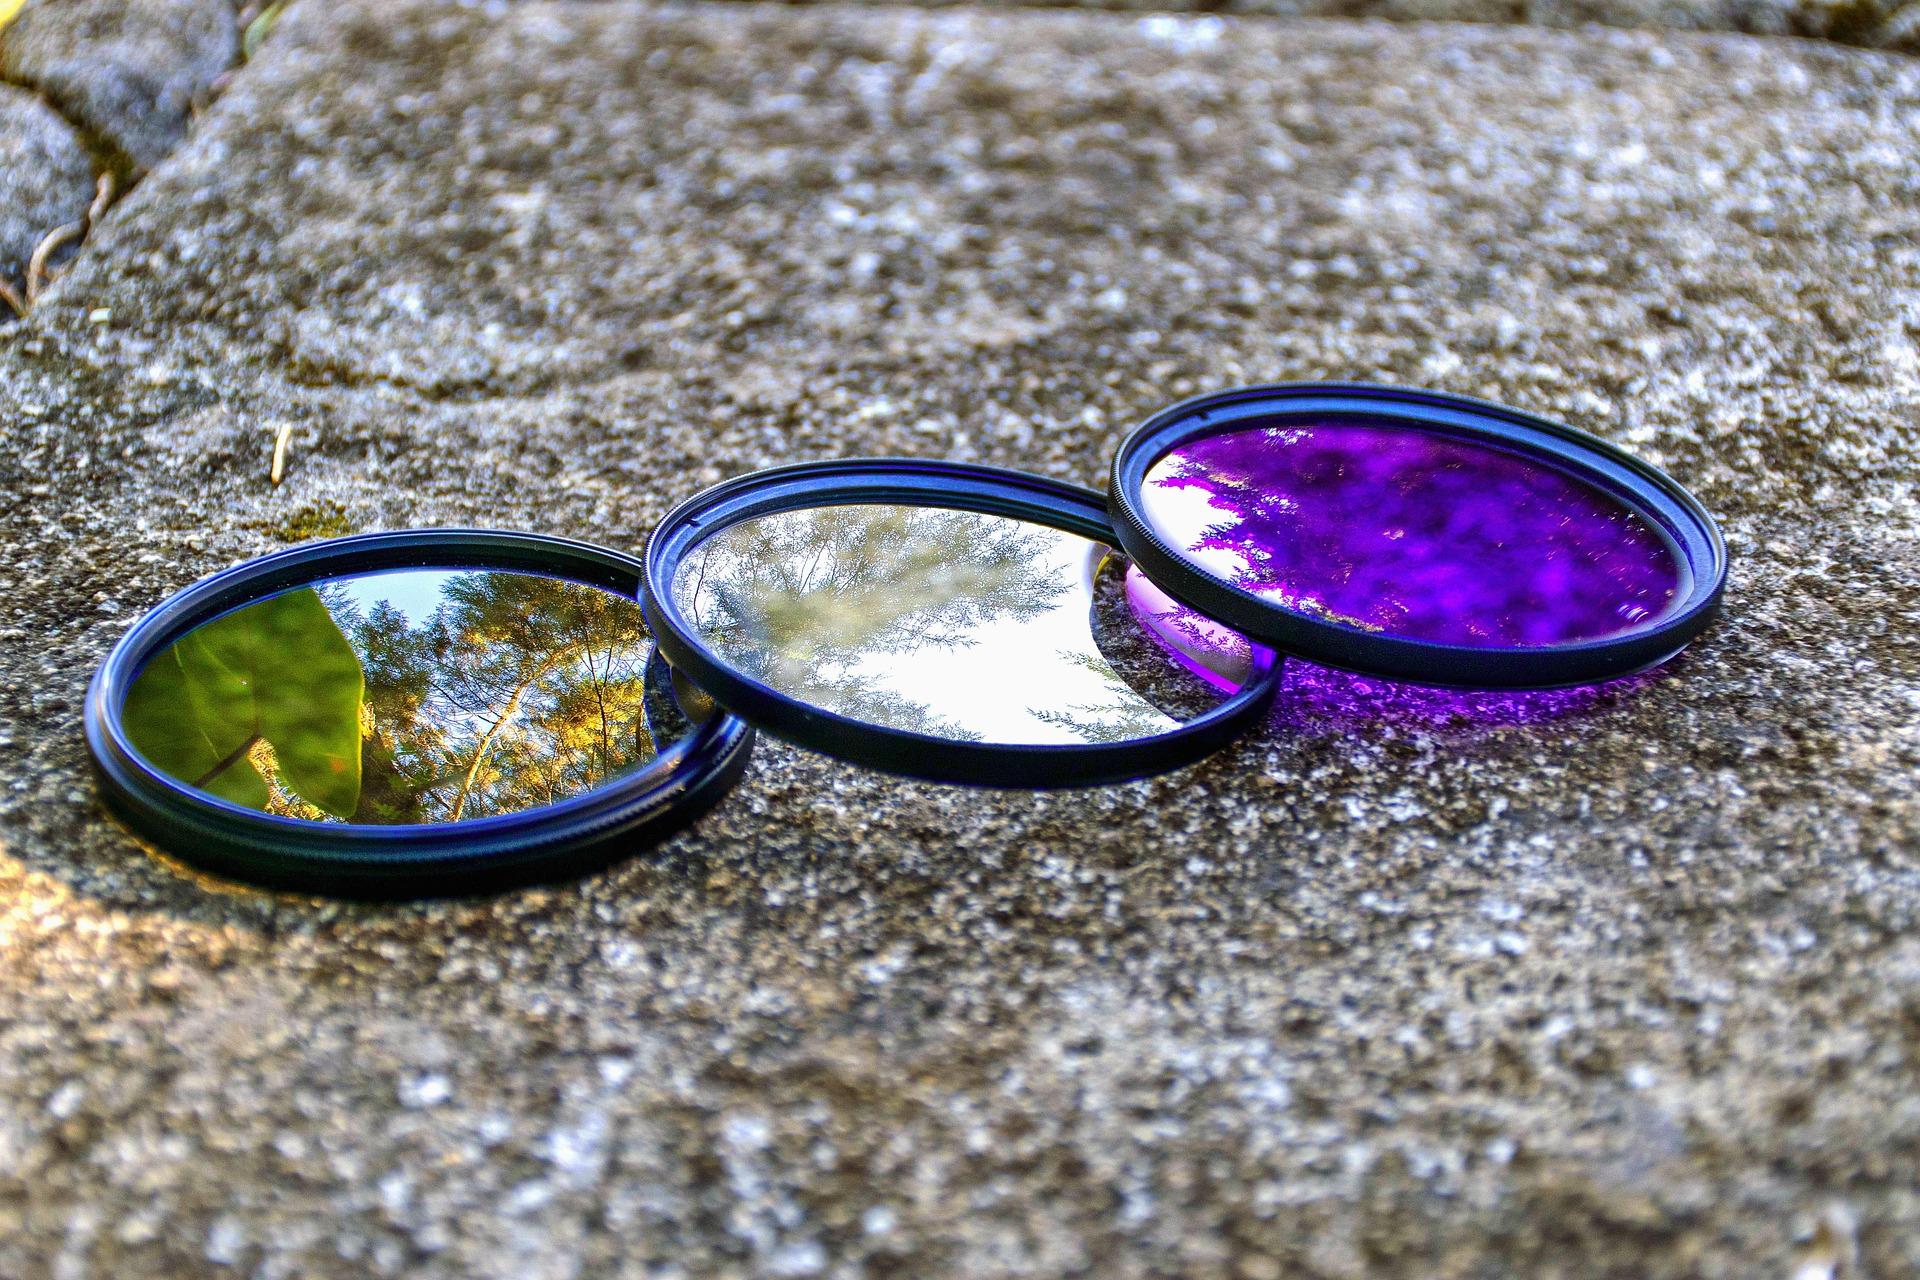 come utilizzare il filtro polarizzatore